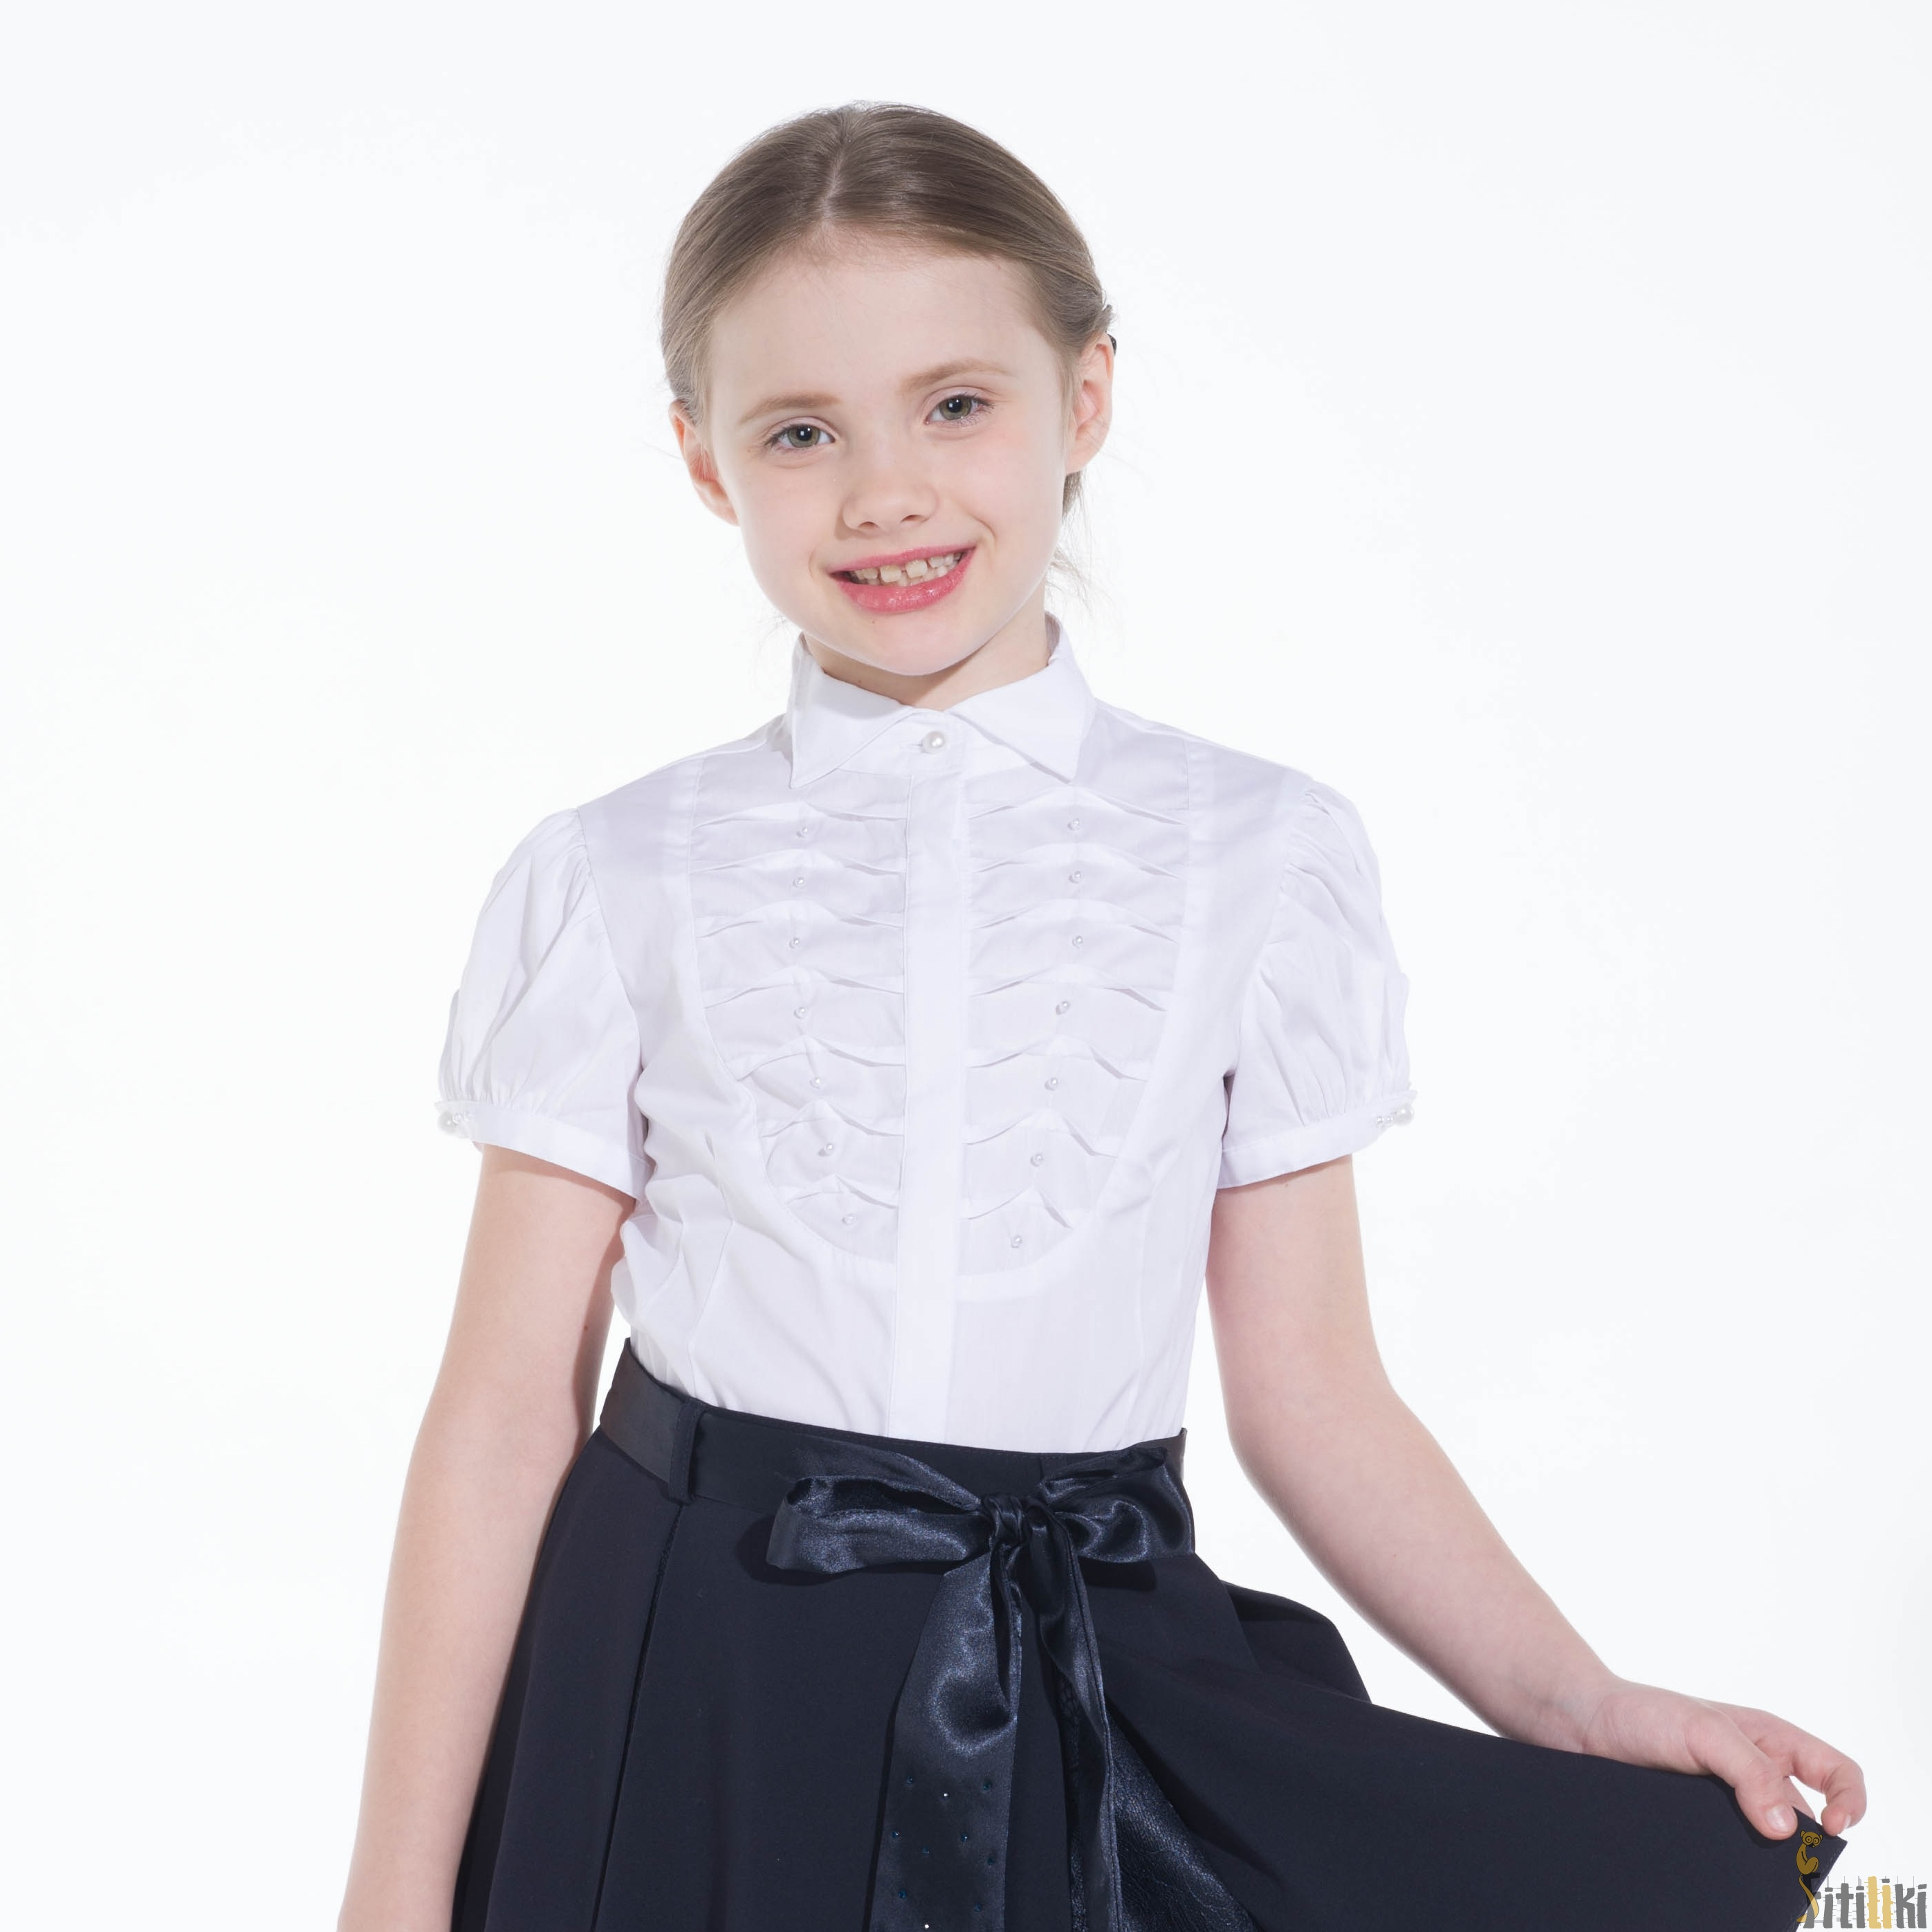 Школьные Блузки Для Девочек В Волгограде